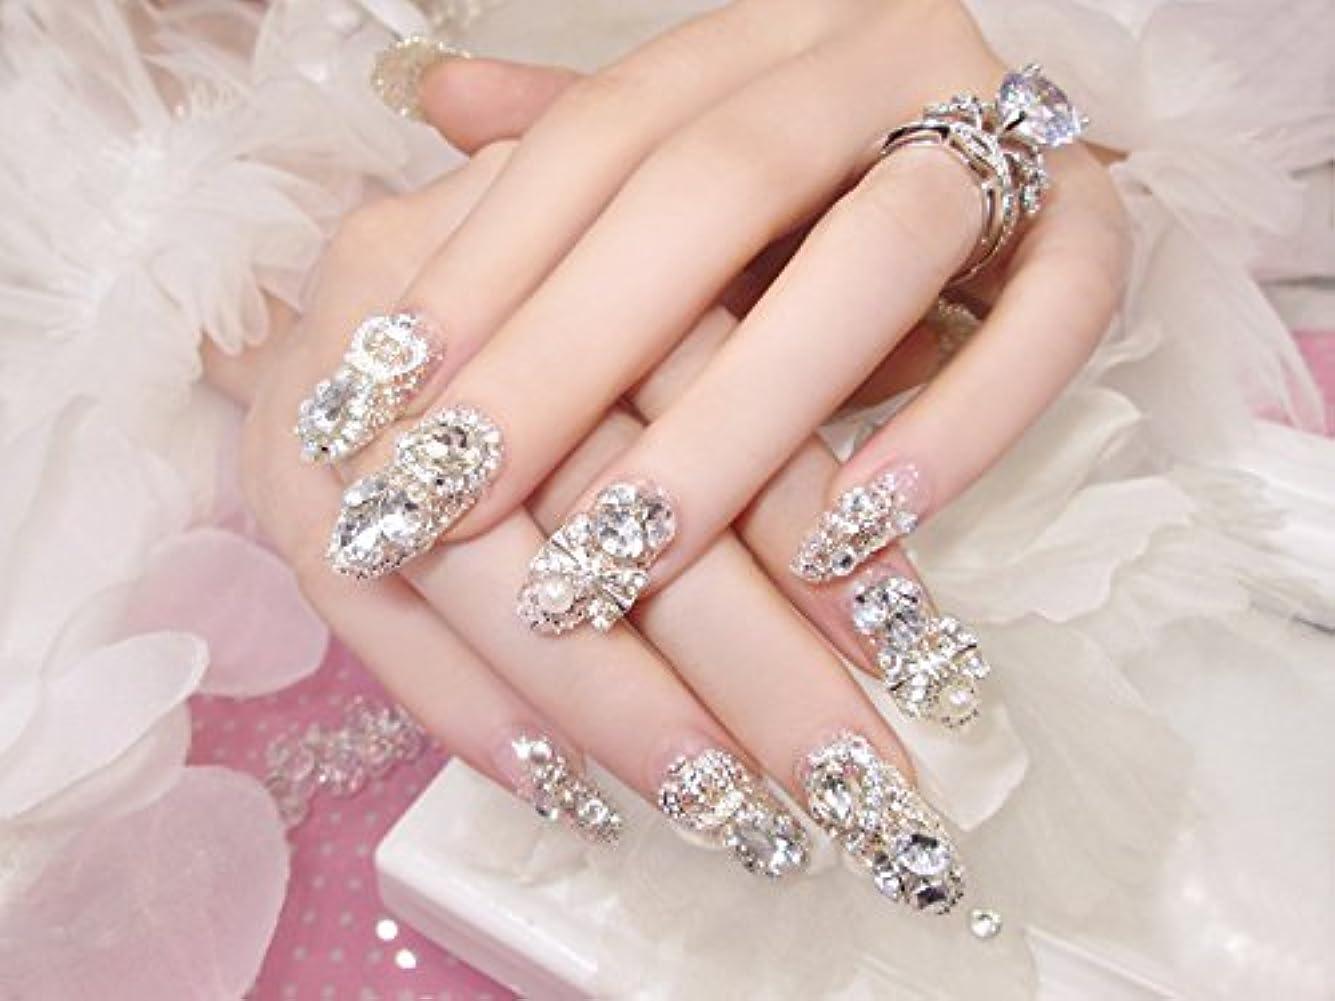 政府リスナータッチ花嫁ネイル 手作りネイルチップ ラインストーンリボンが輝く フルチップ シンプル ネイルチップ24枚セット 人造ダイヤモンド 両面接着テープ付き 結婚式、パーティー、二次会などに ジルコン (A36)